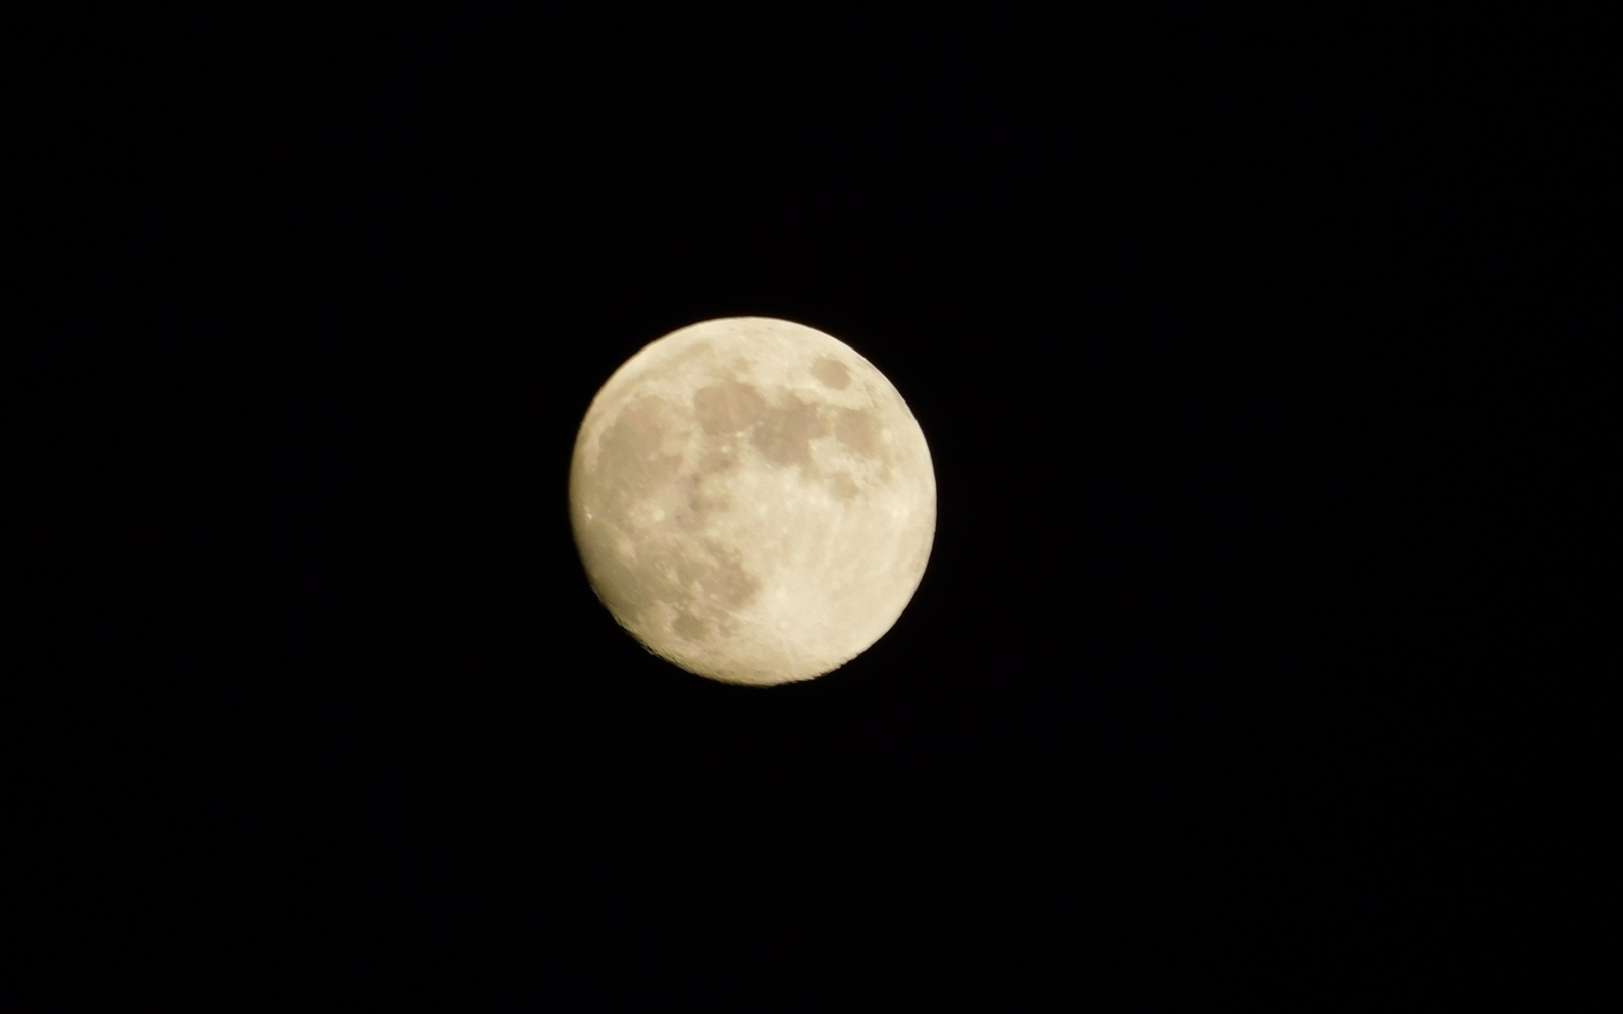 La Pleine Lune est le meilleur moment pour observer les systèmes rayonnants autour de grands cratères d'impact comme Tycho et Copernic. © Paolo, Fotolia